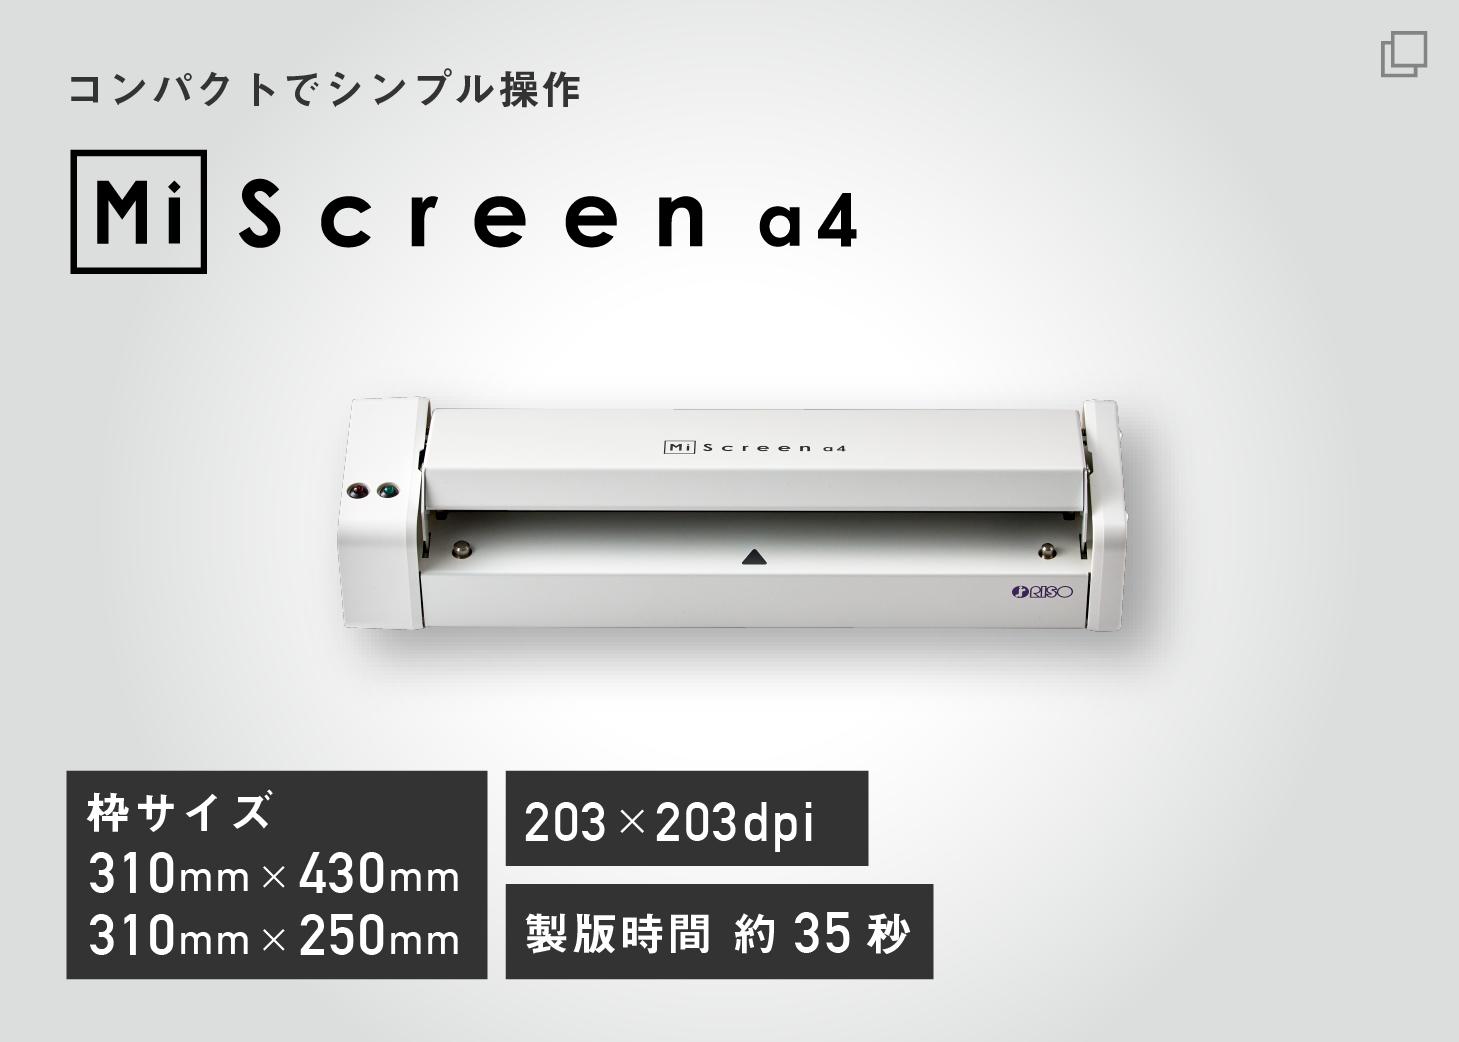 MiScreena4製品情報リンク